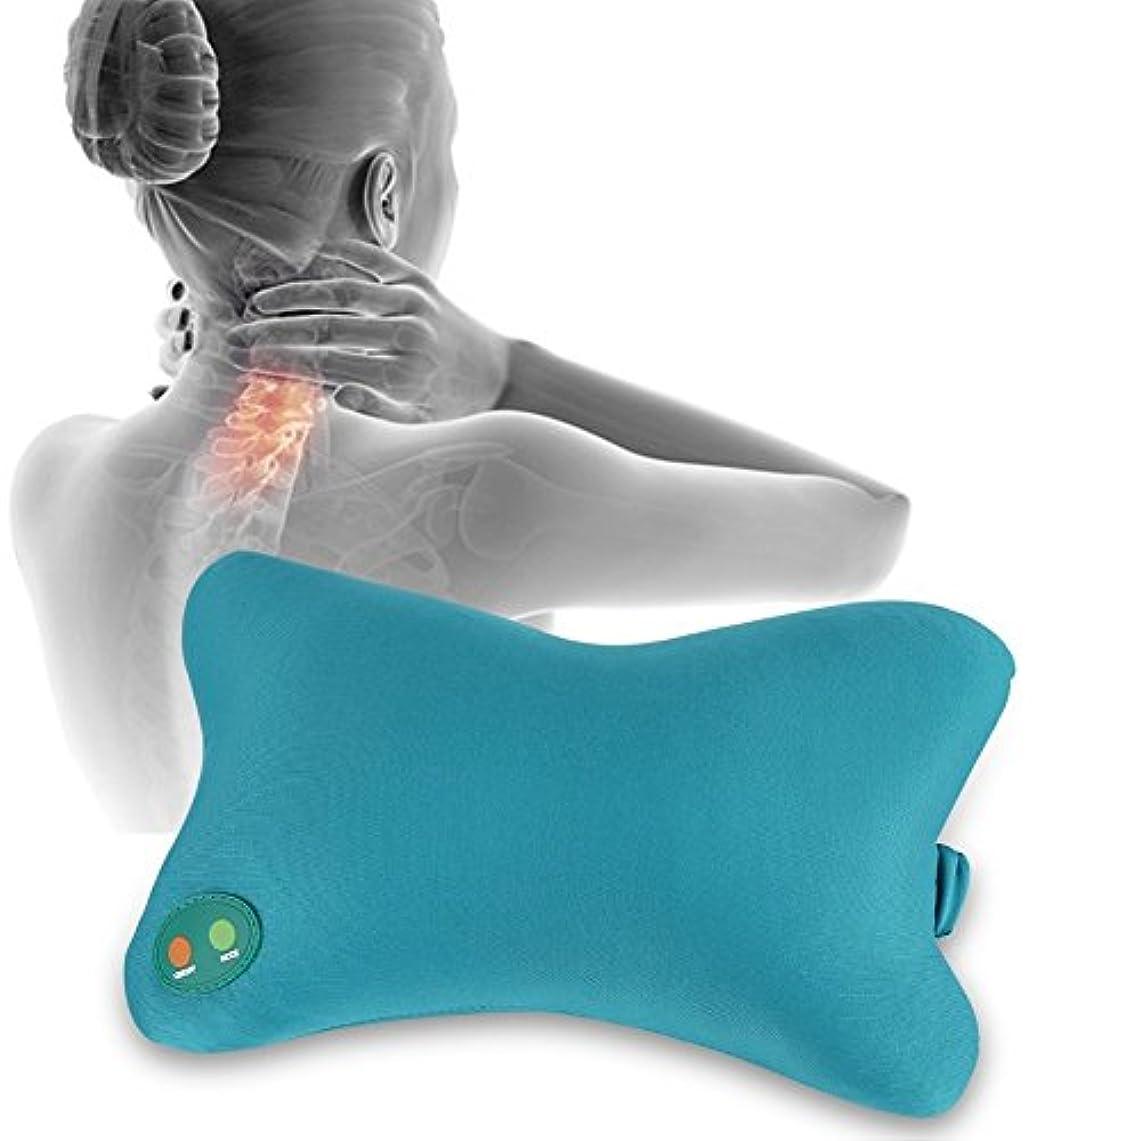 代表する違反する侮辱マッサージピロー、背中の痛みを軽減するための柔らかい電気ネックマッサージの刺激のクッション車のオフィスホームナップの使用、CEの承認